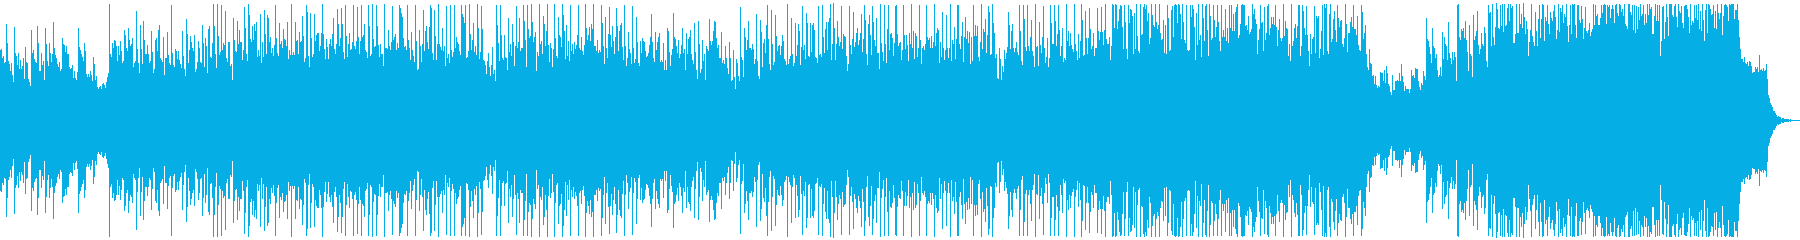 明るく軽快なタッチのテクノポップの再生済みの波形